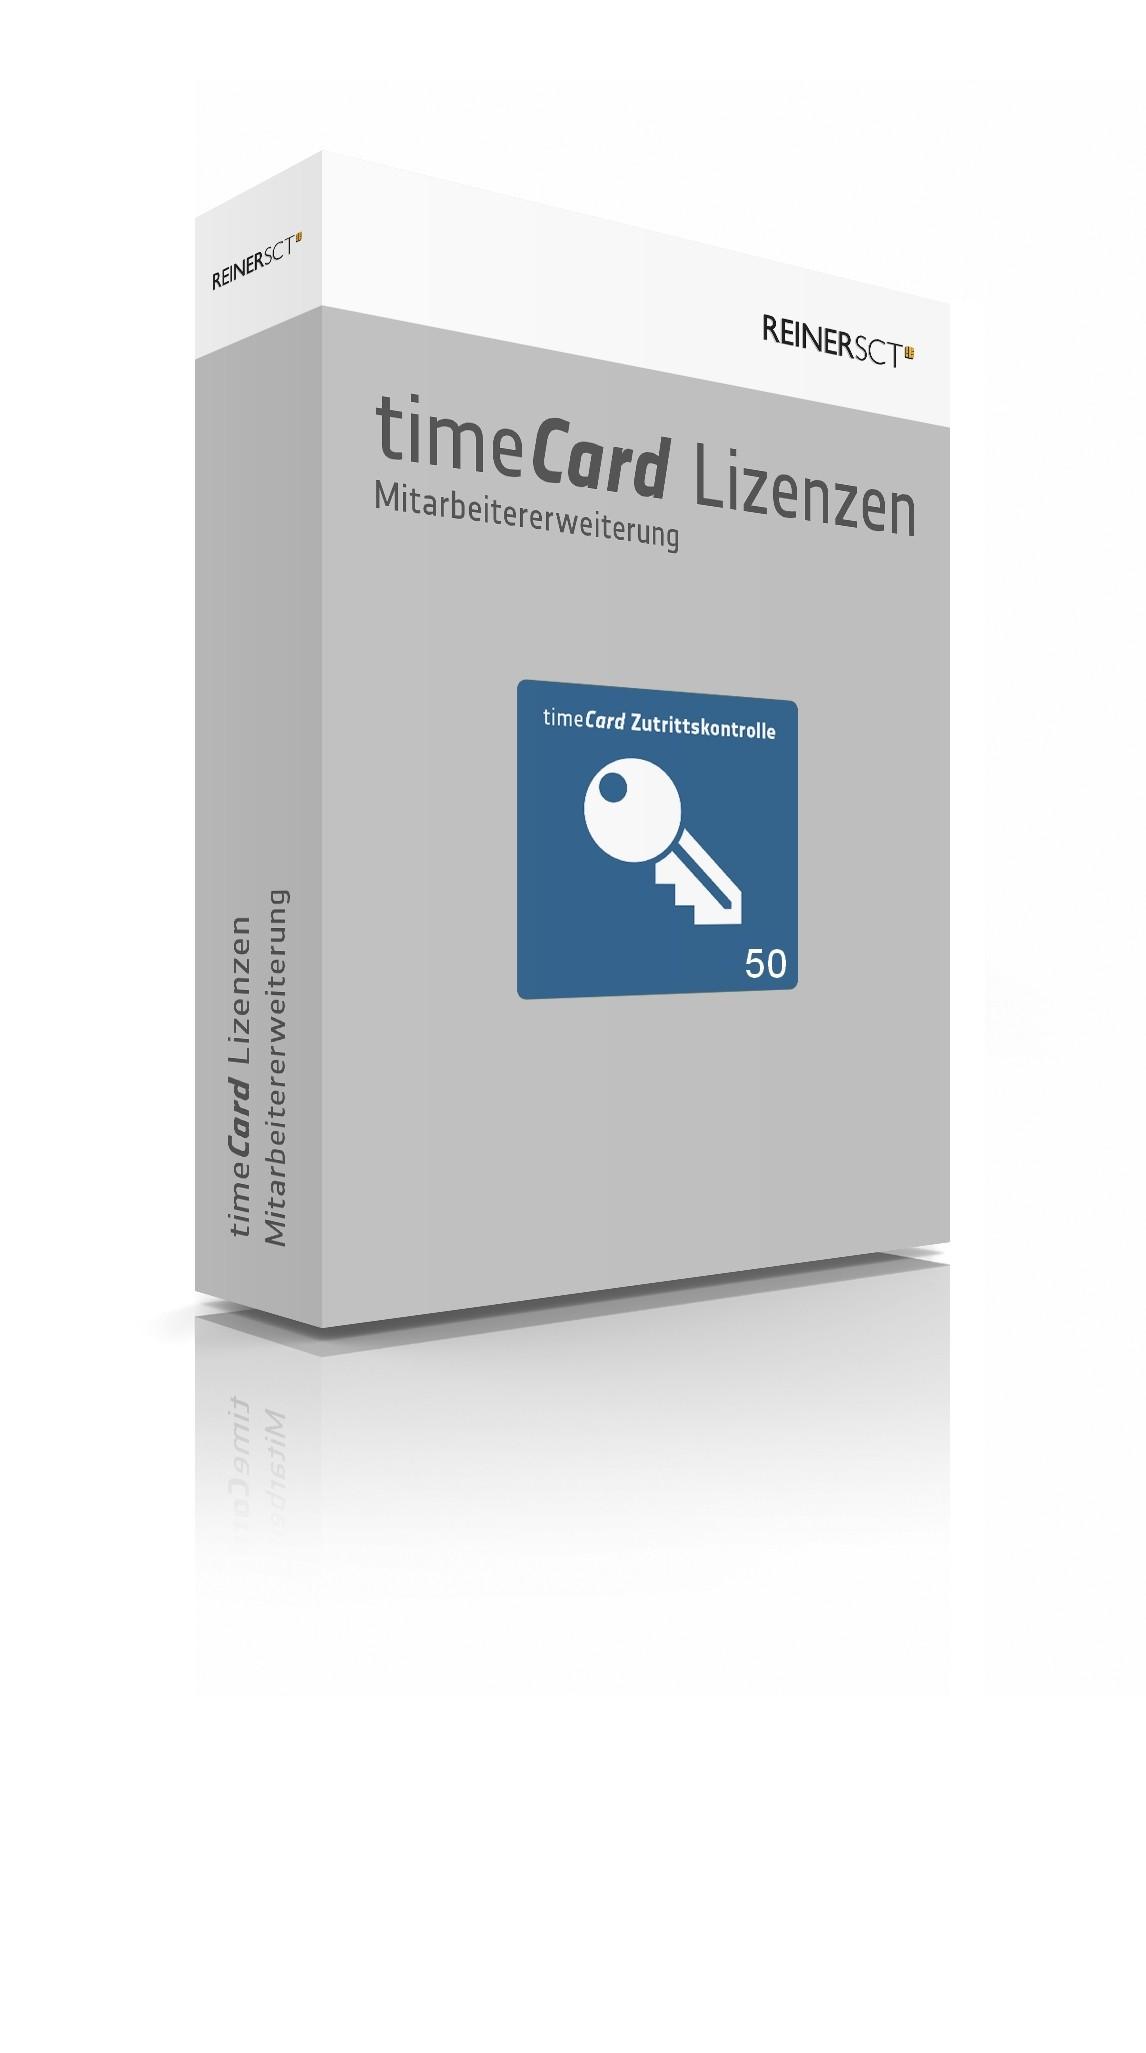 REINER SCT timeCard 6 ZuKo Erweiterung 50 Mitarbeiter, Lizenz